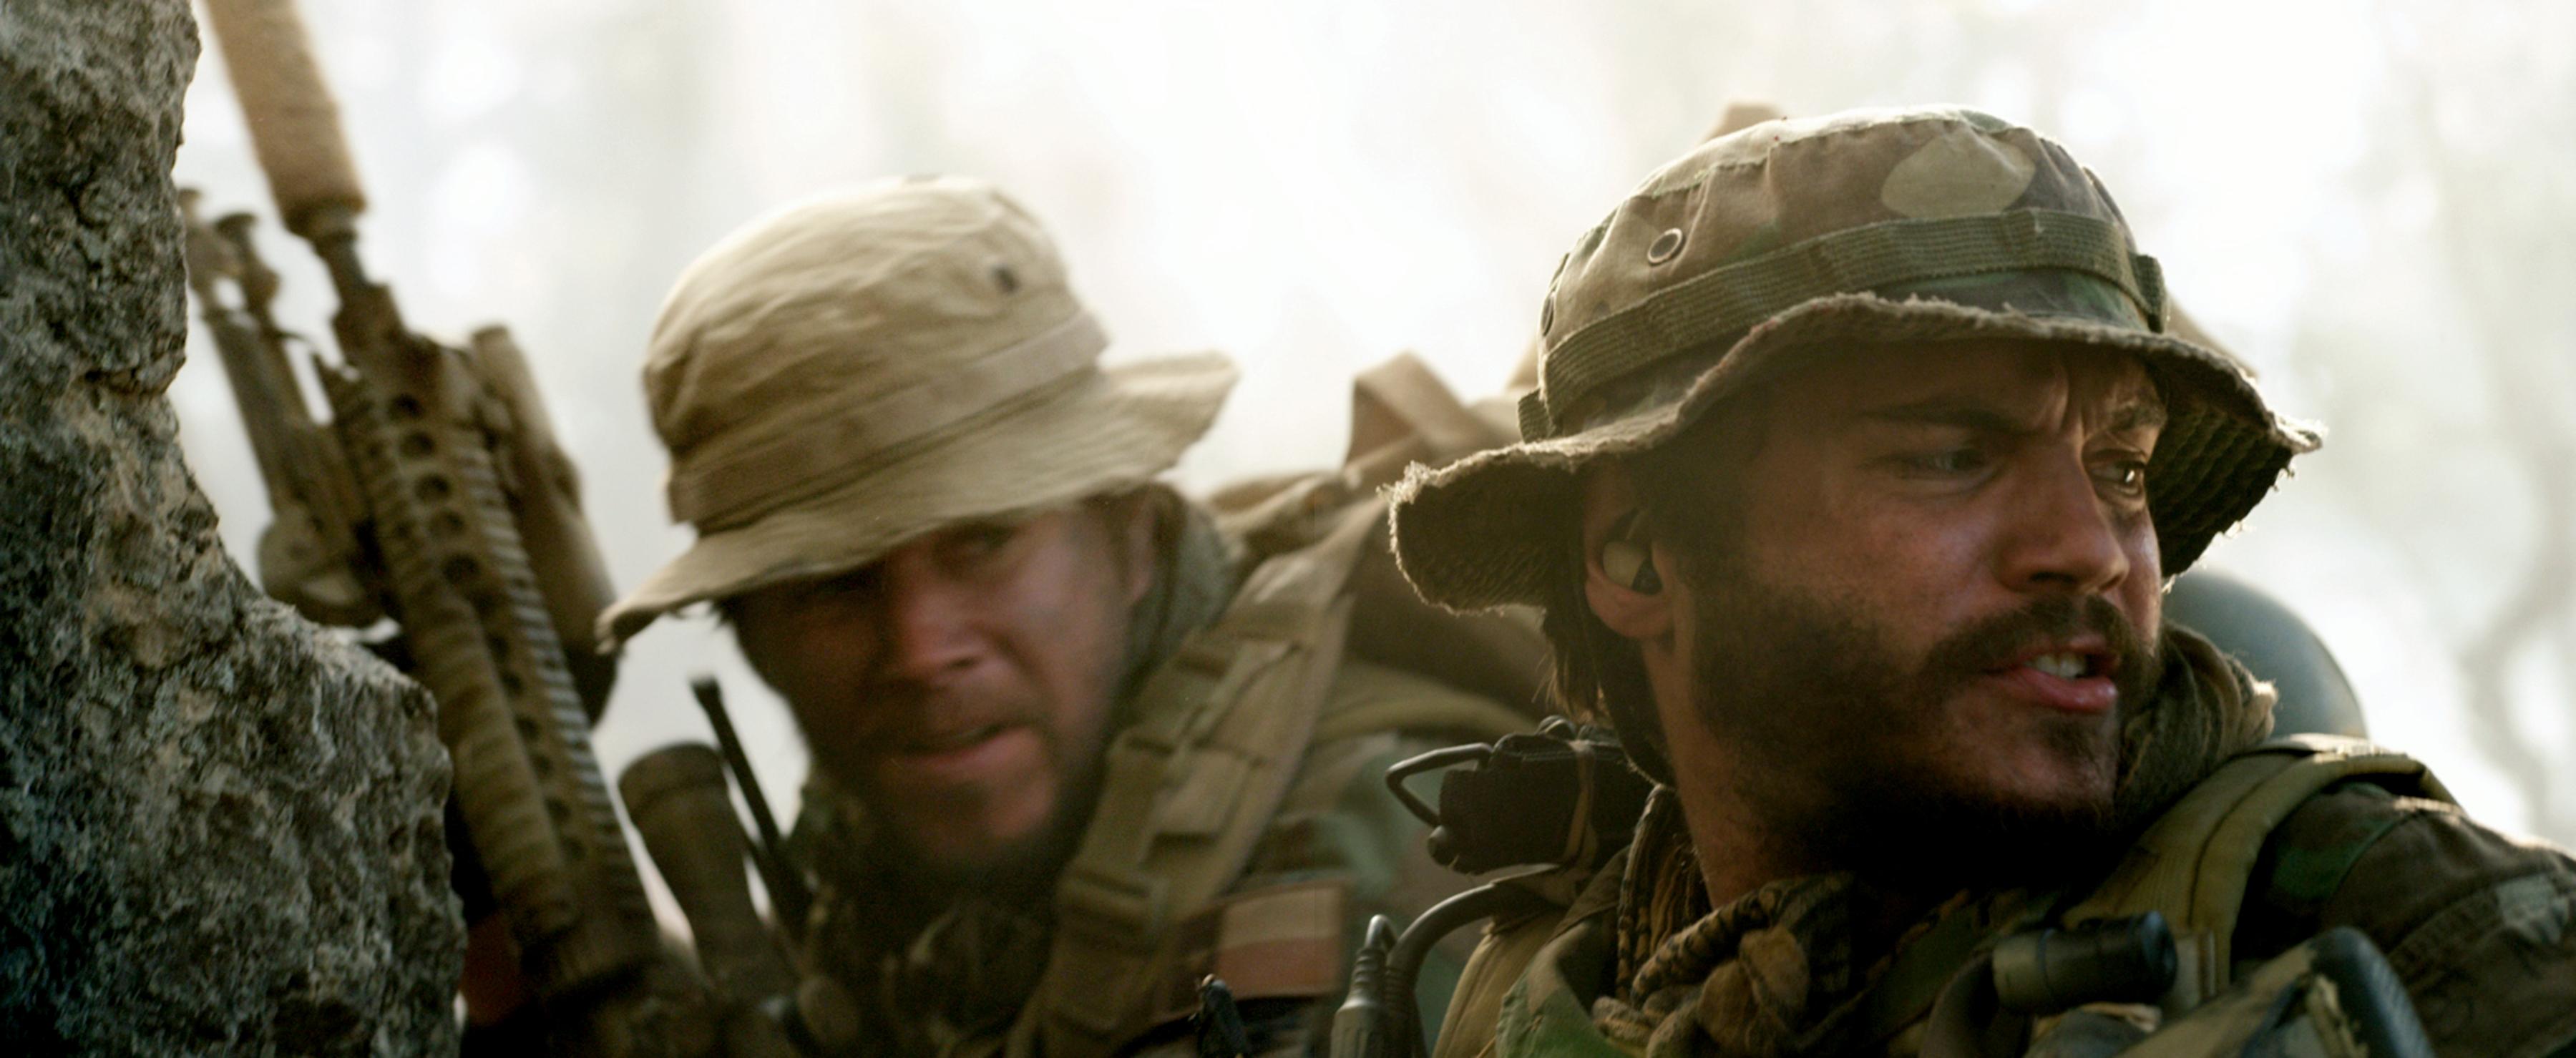 International cinema clips website 01 11 - Mark Wahlberg Emile Hirsch Lone Survivor